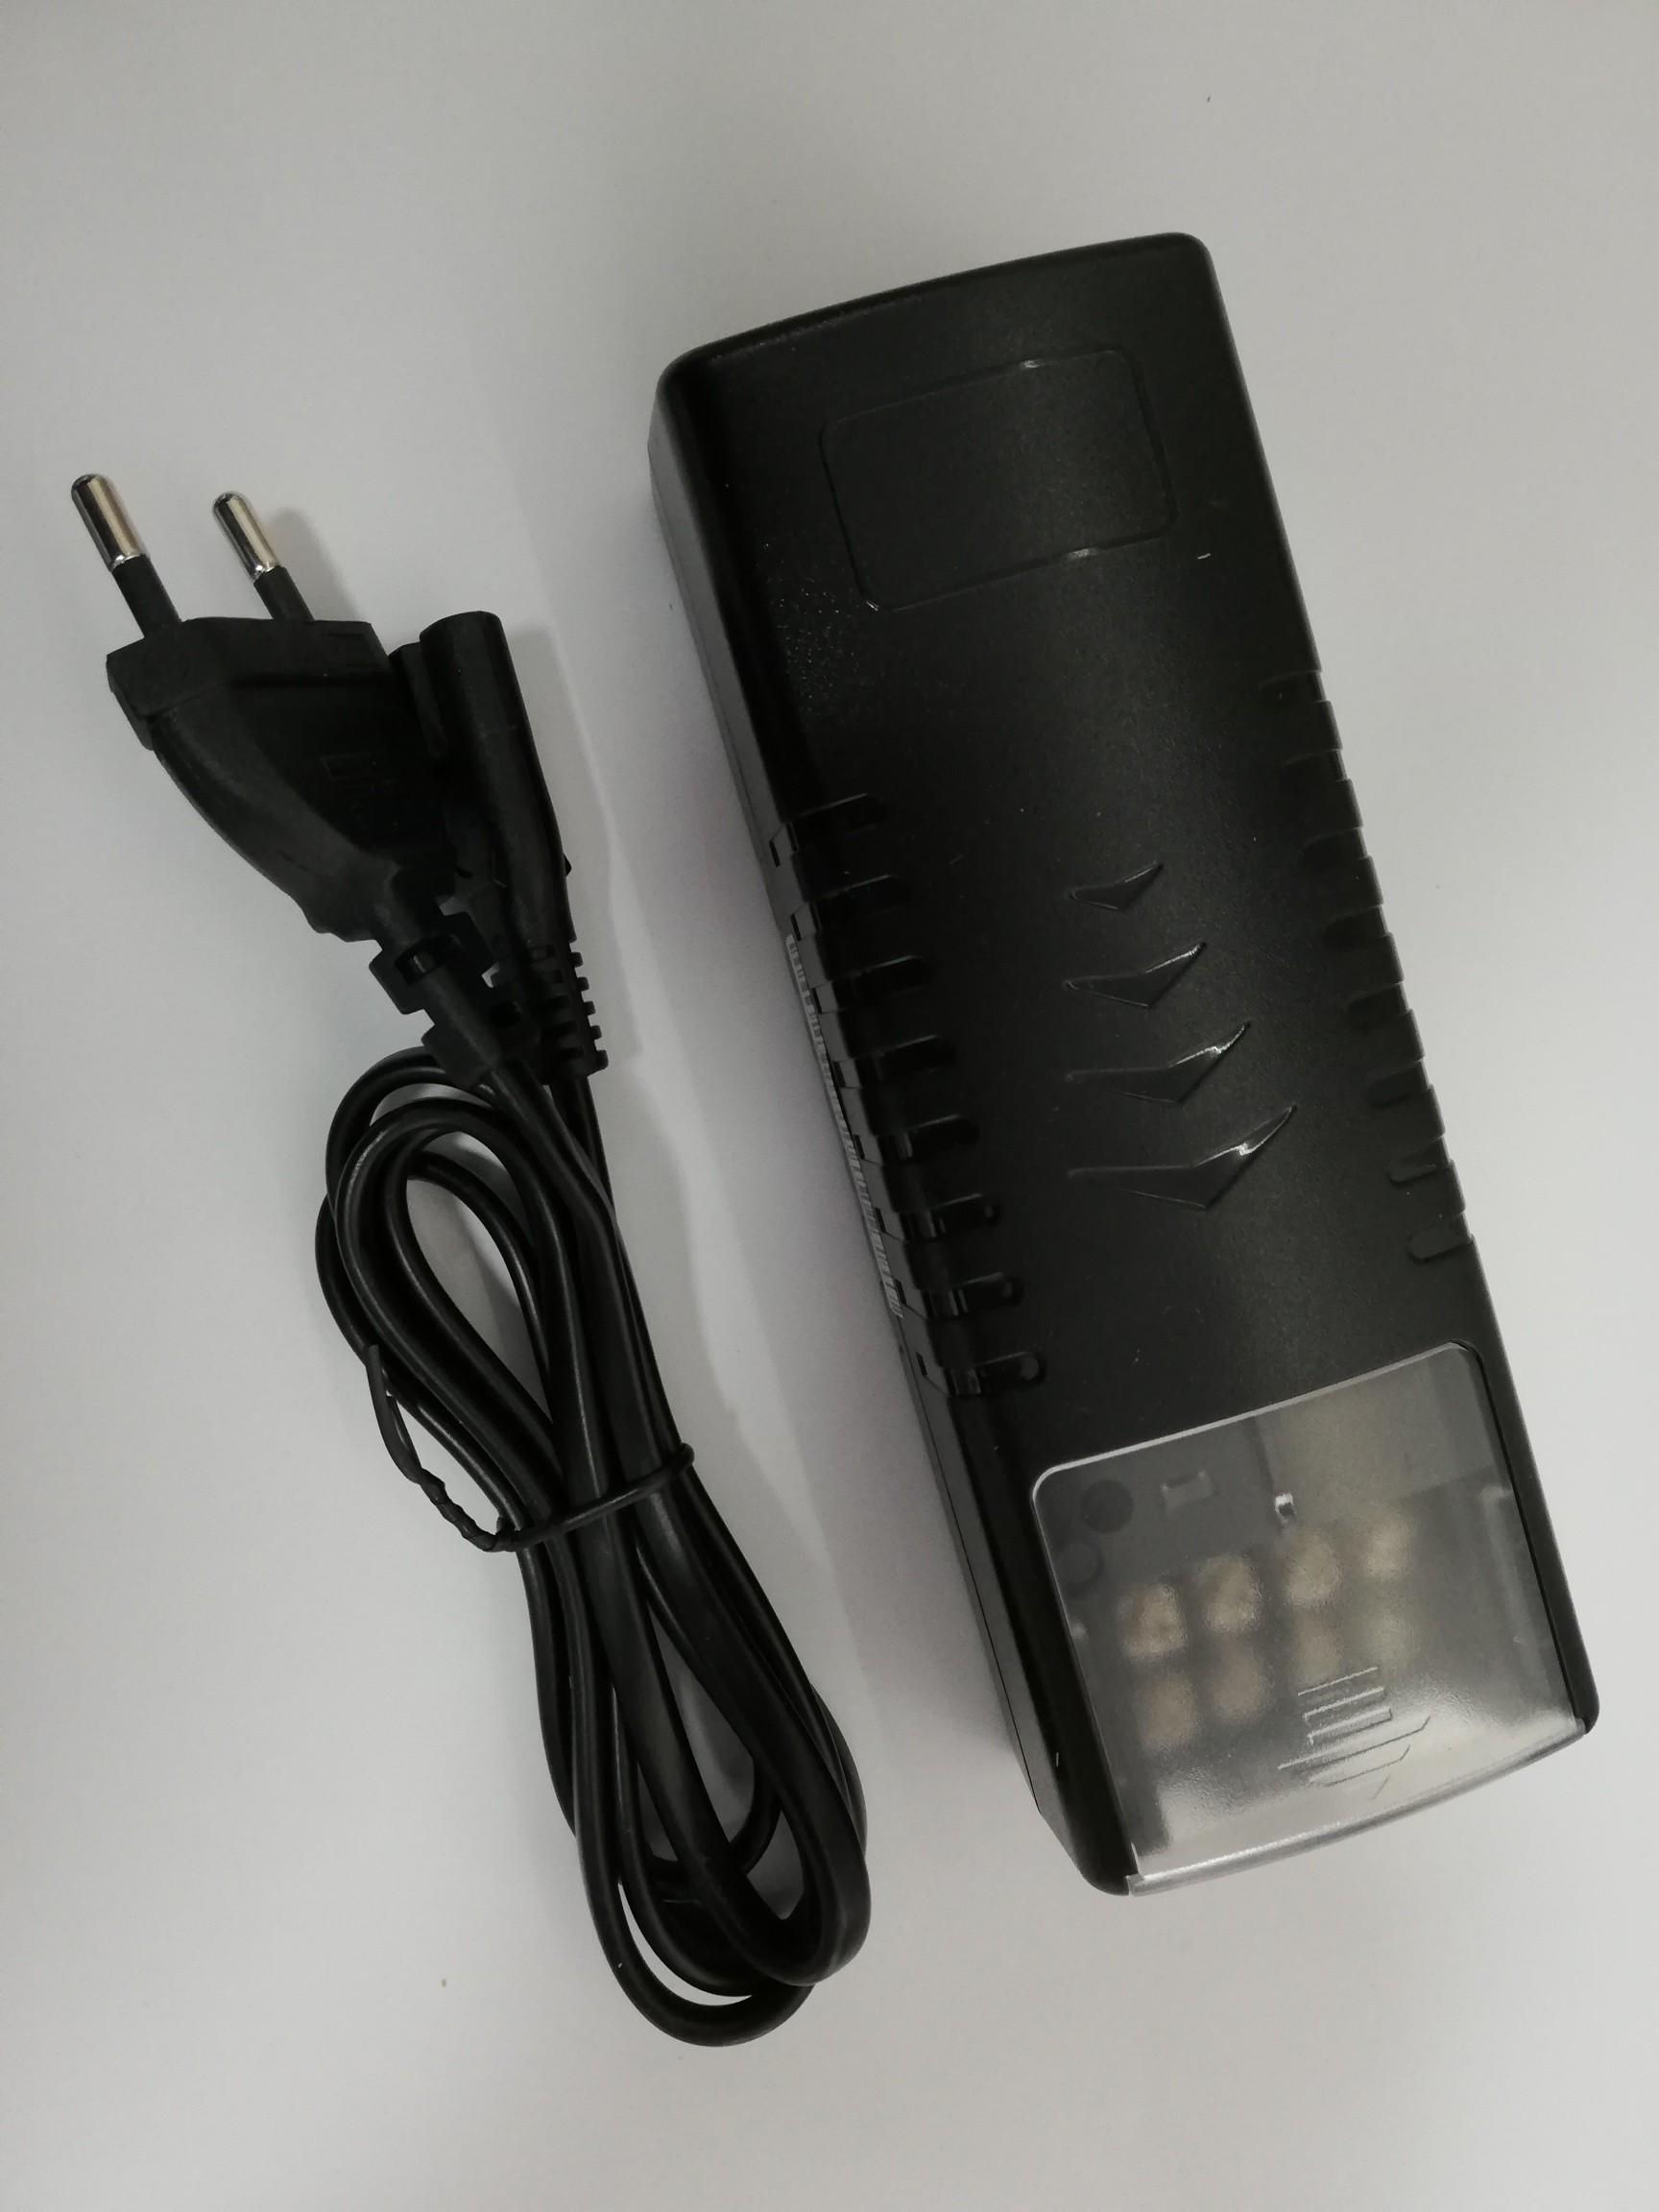 SICURIT Alimentatore per telecamere - 100-240Vca/12Vcc, 5A